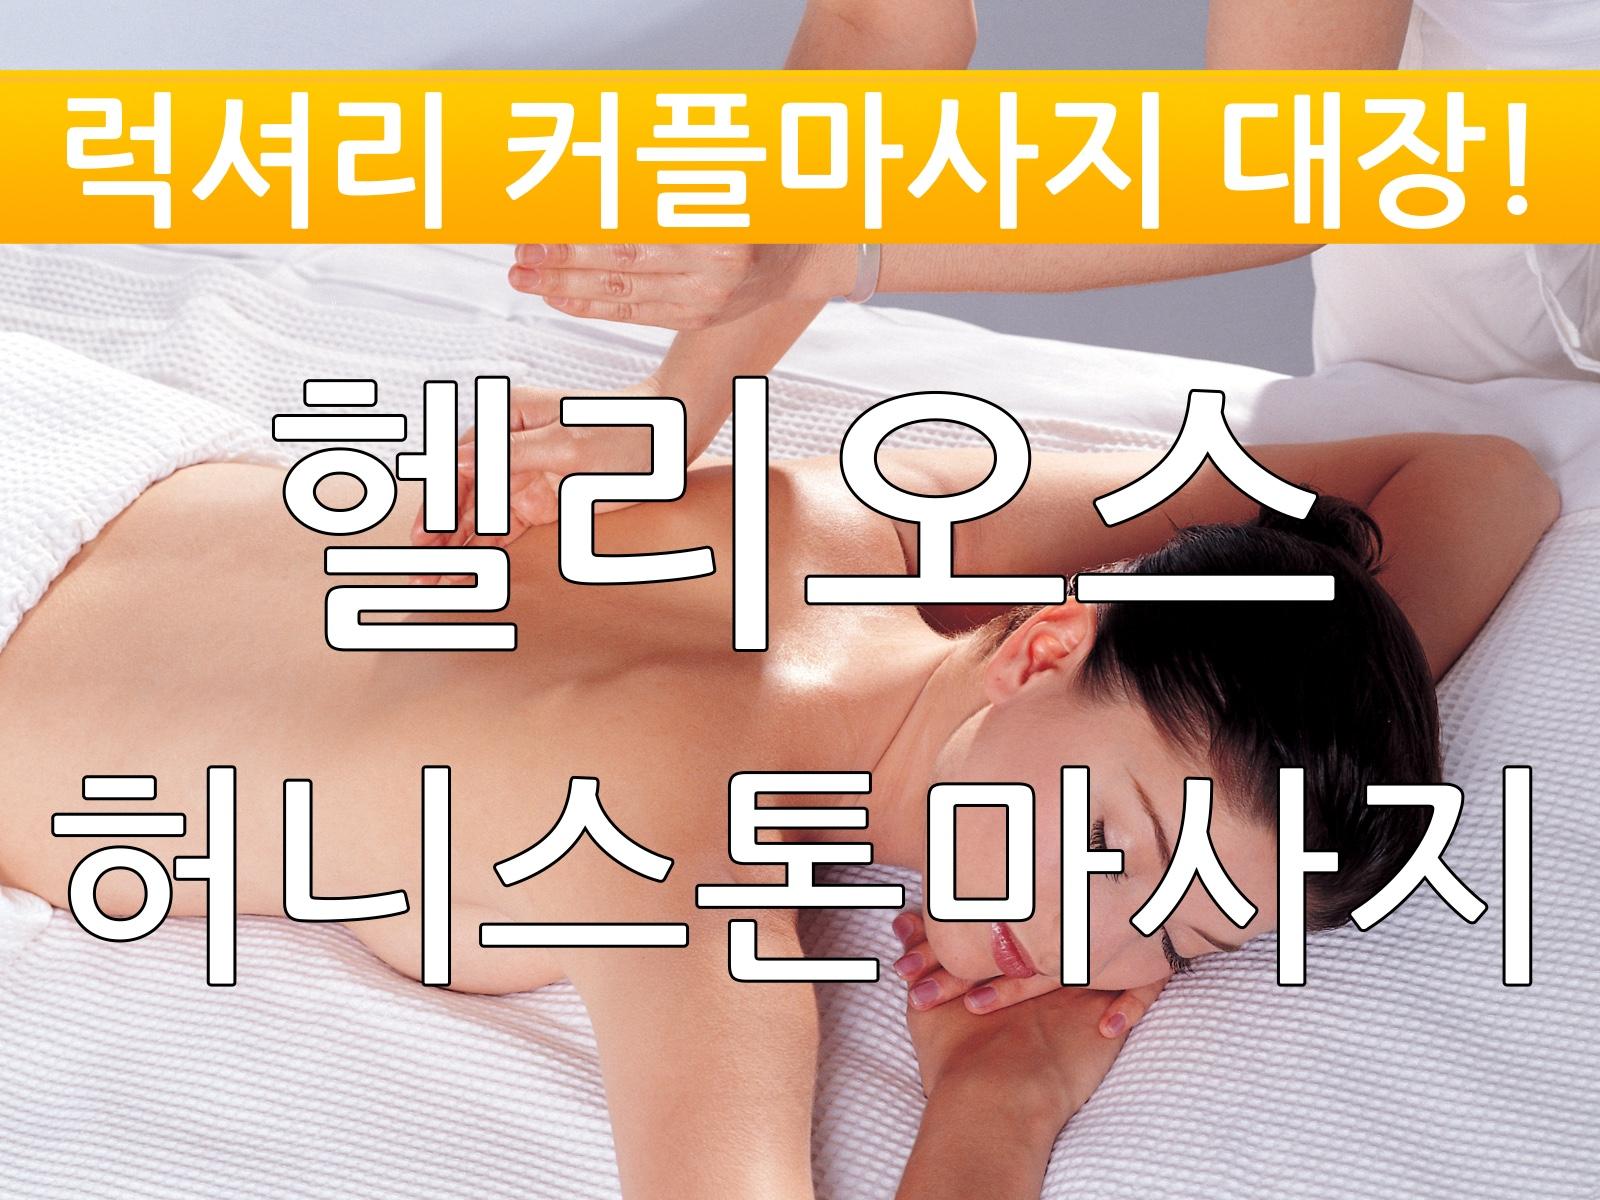 [보라카이 마사지 & 스파] 헬리오스 스파 – 허니스톤 마사지 ( 2시간 20분 )